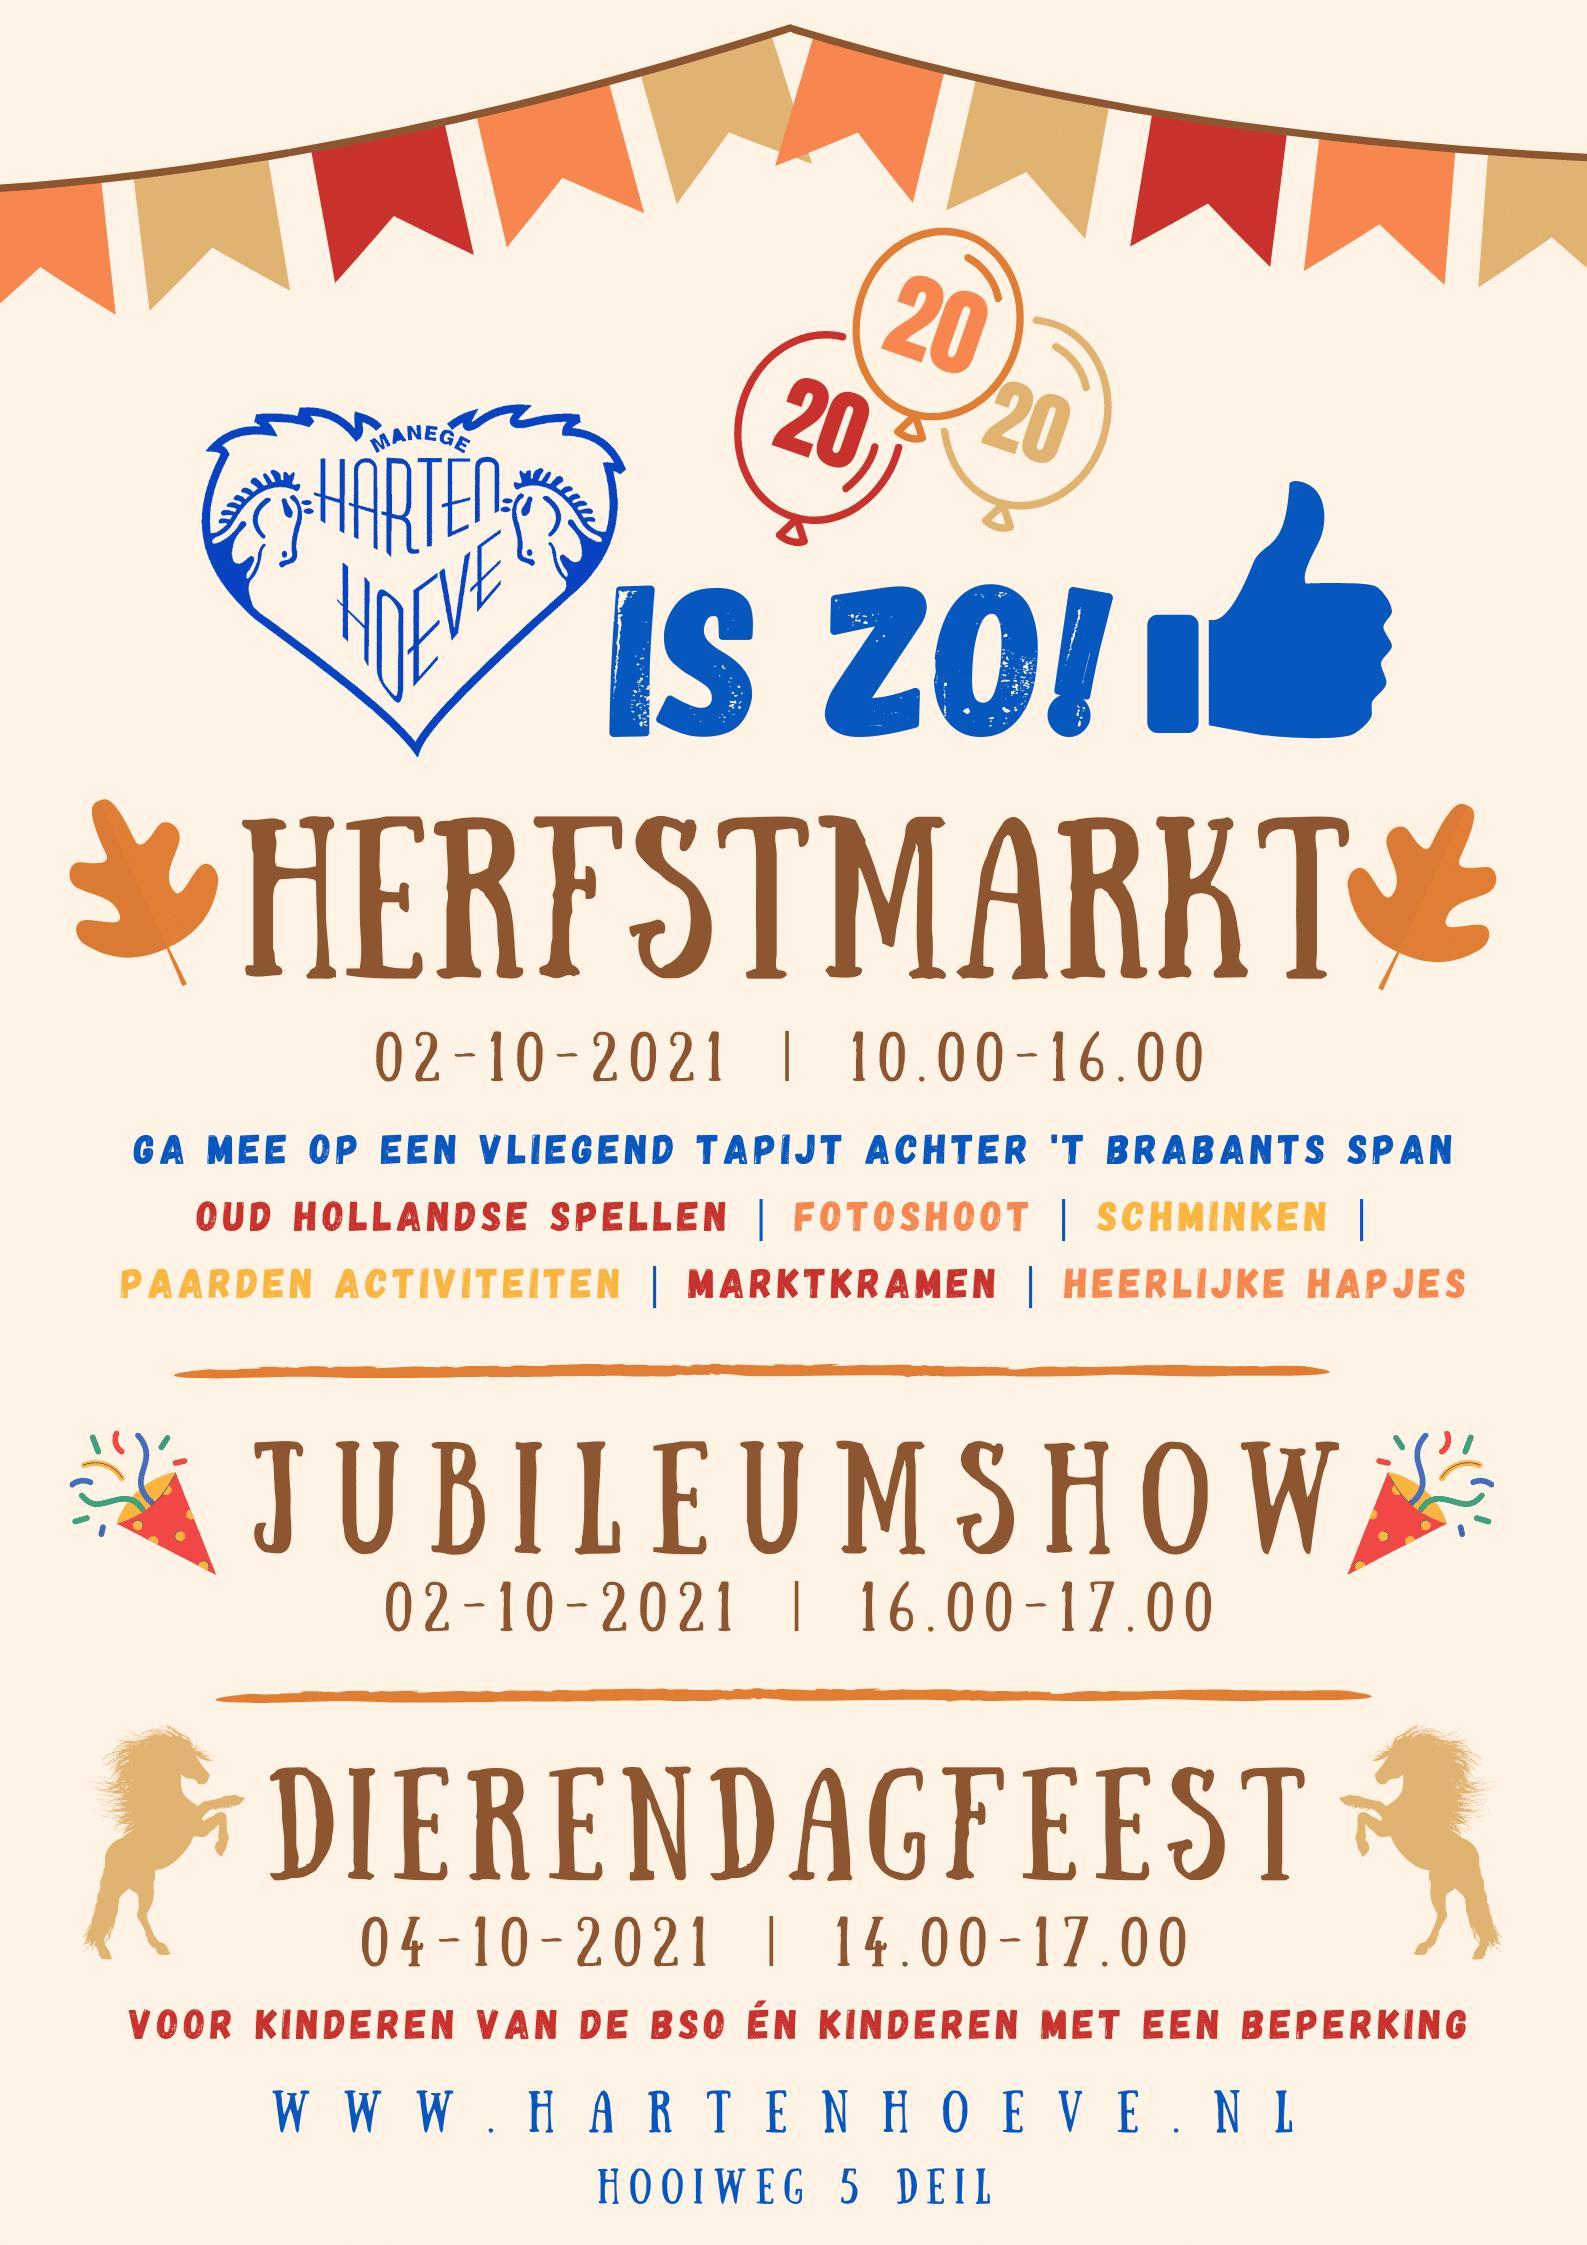 Herfst markt (2)